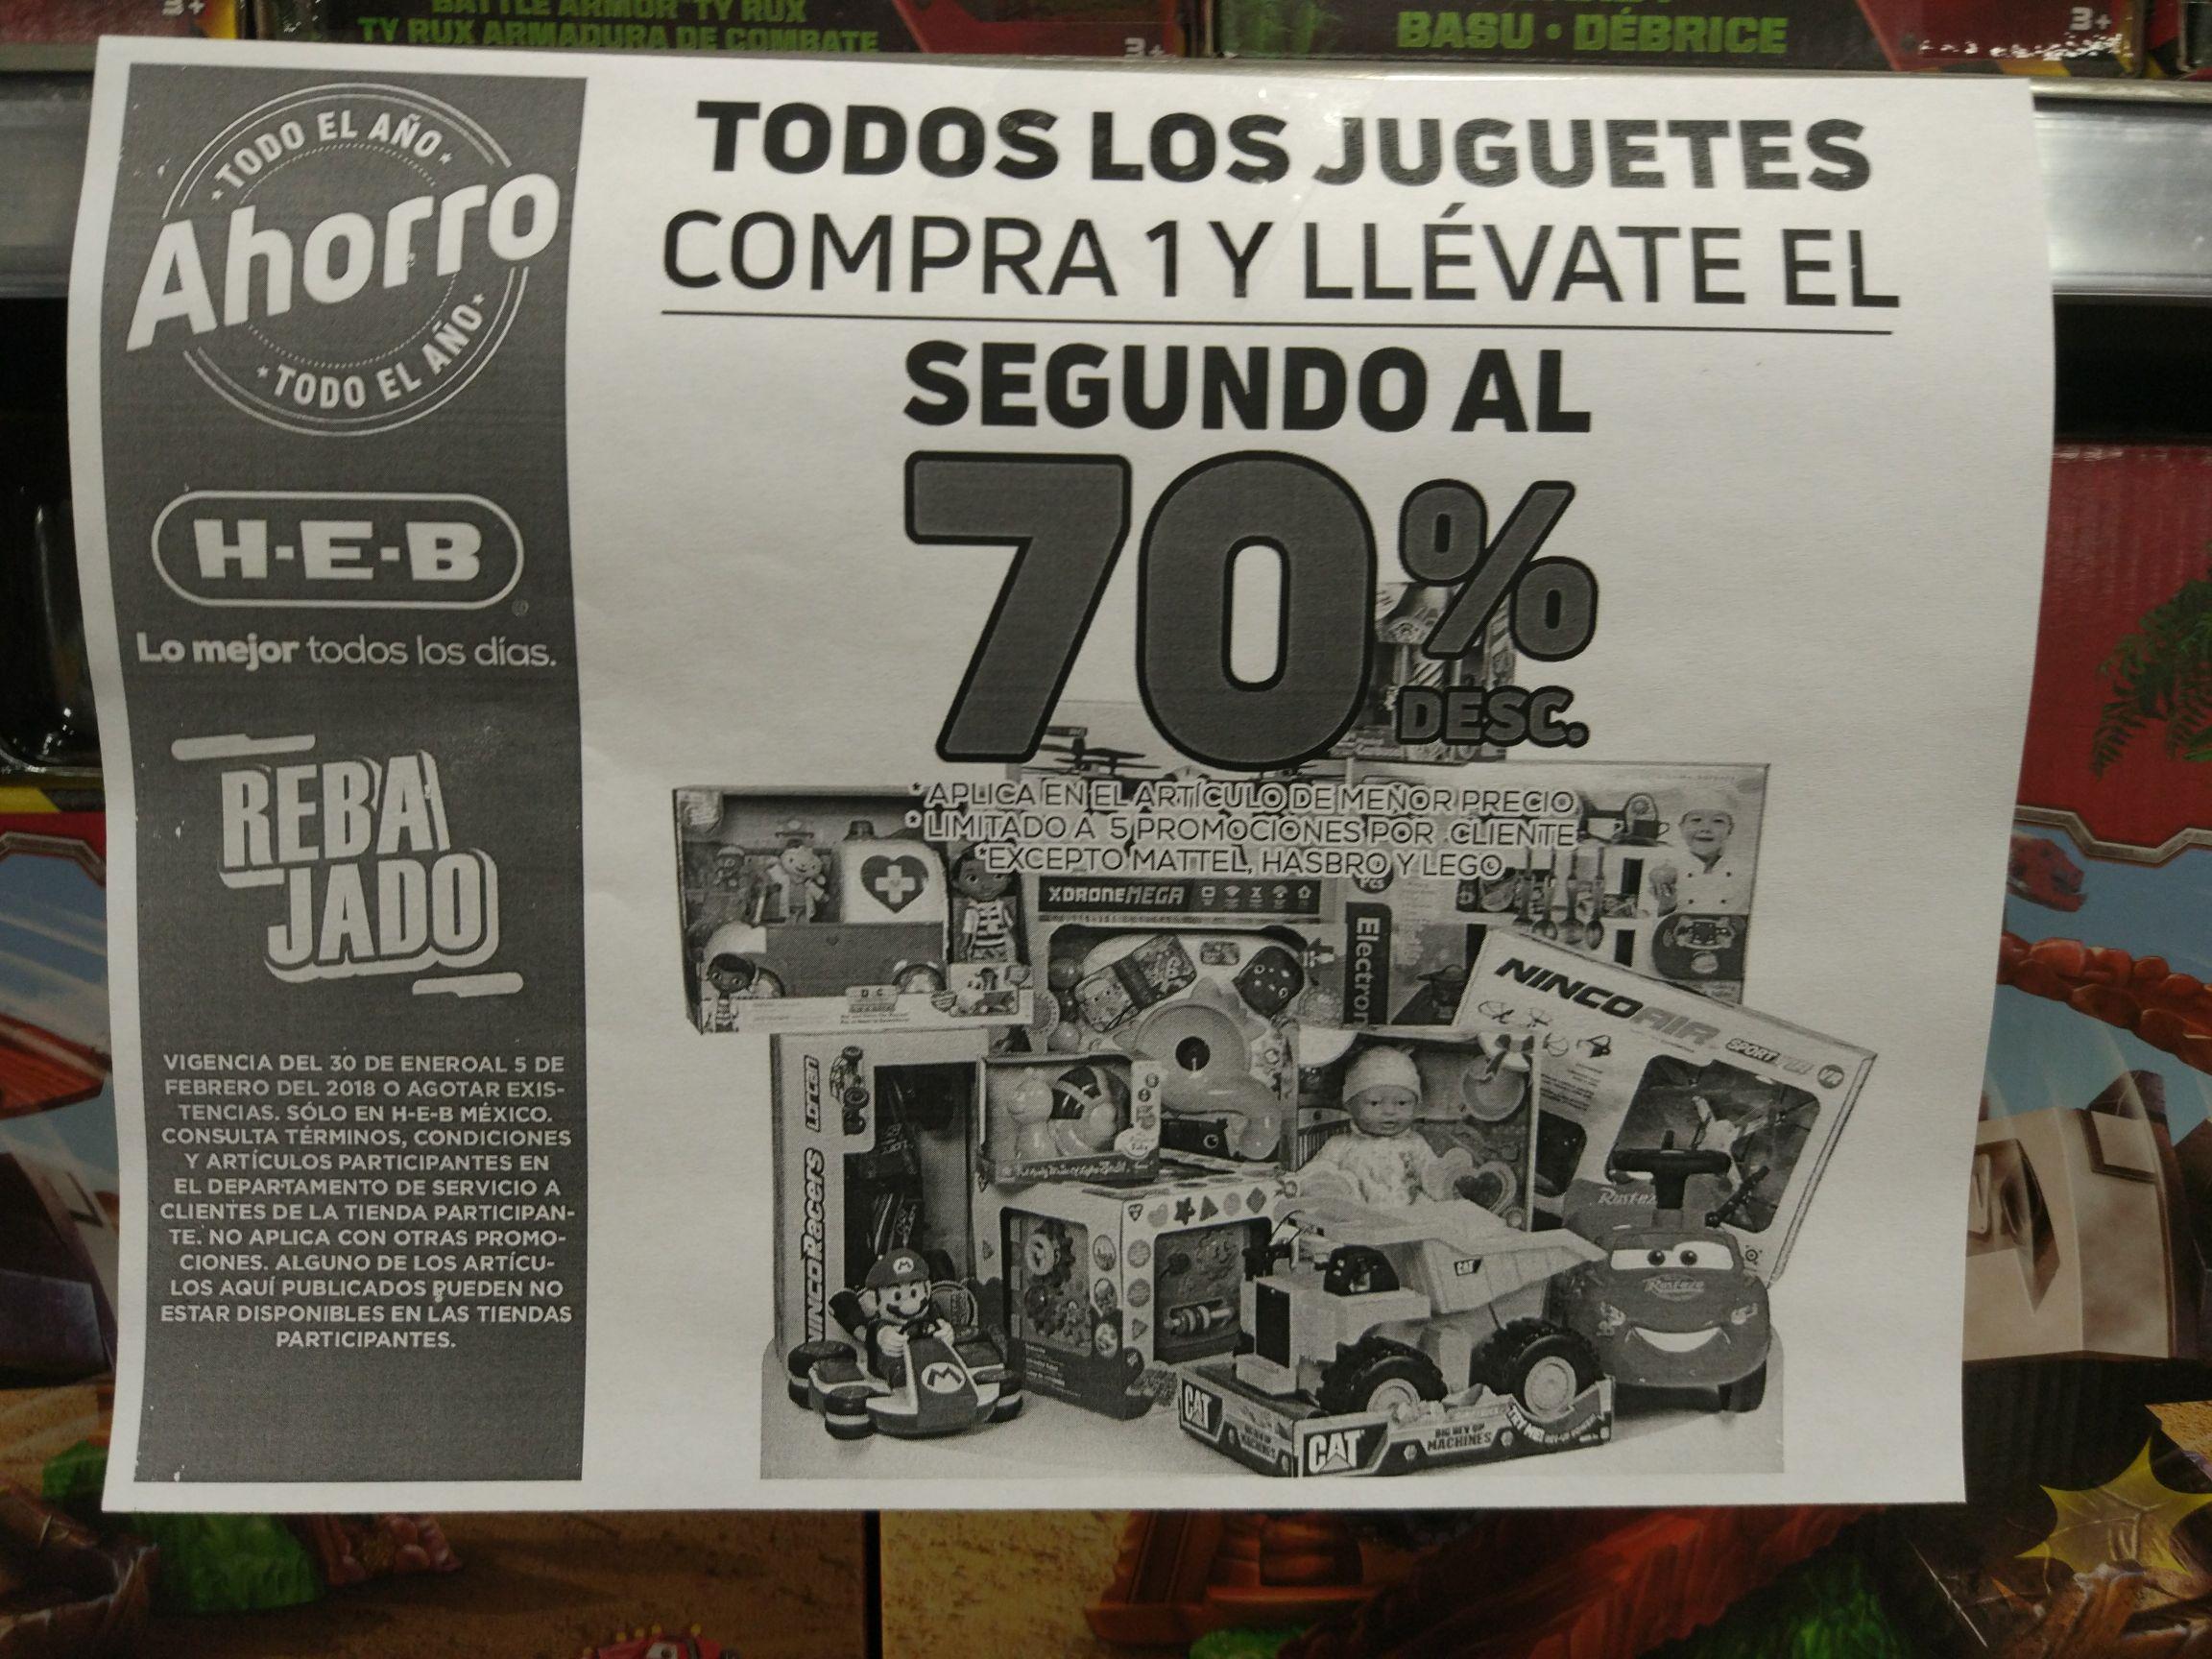 HEB: El segundo juguete con el 70%